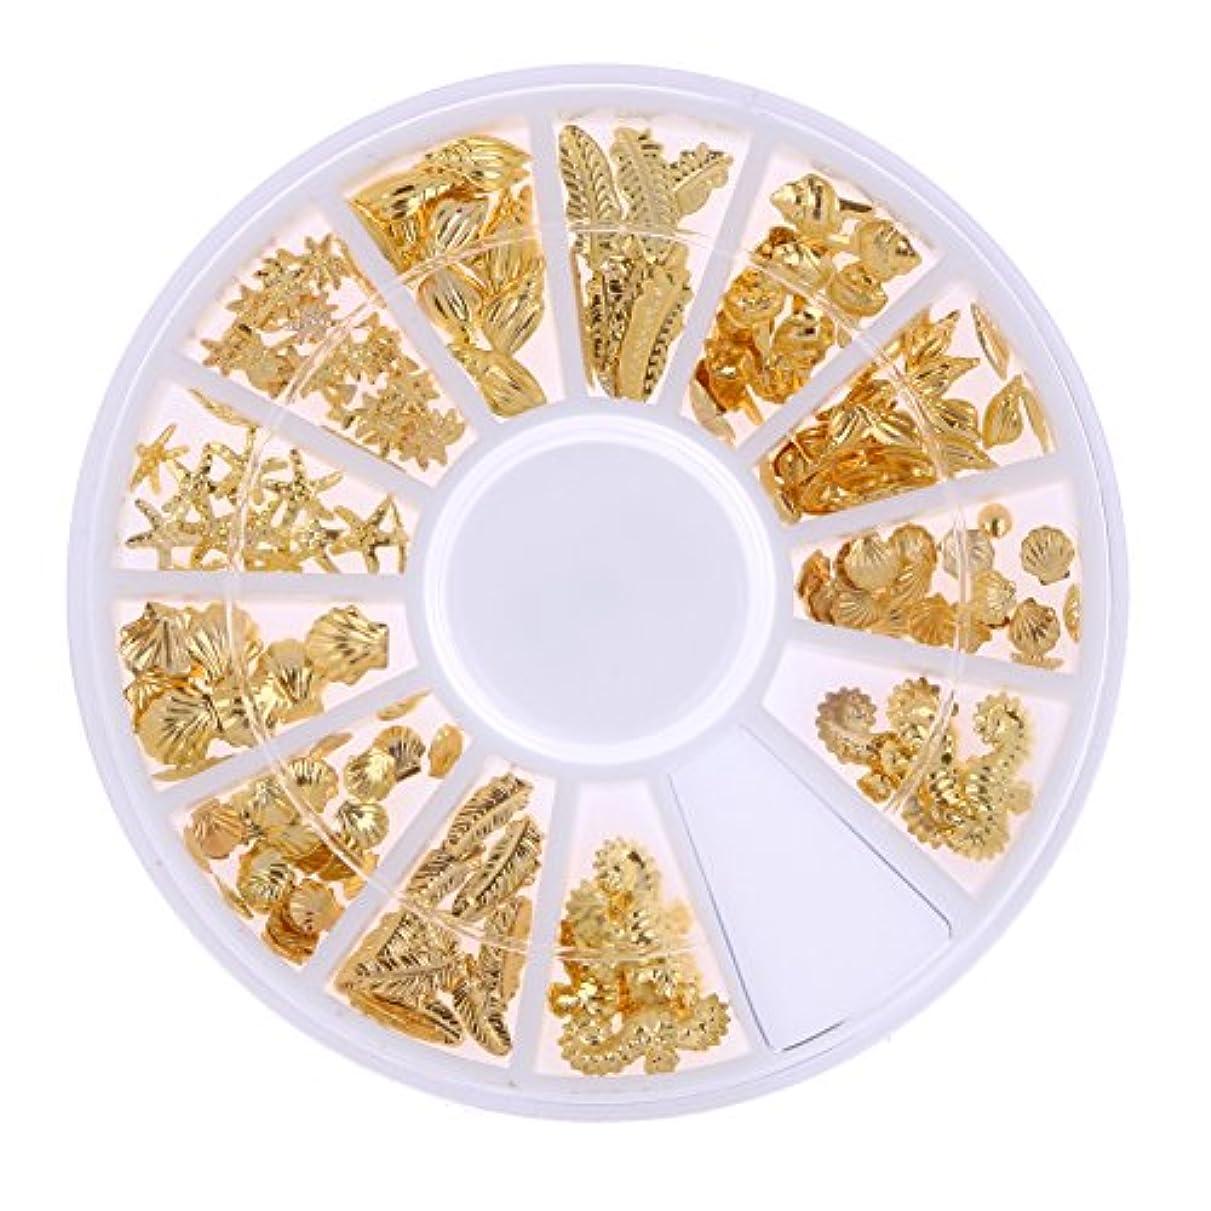 病気だと思うレーザ狼Demiawaking ネイルパーツ メタル ネイルアート ゴールド 海テーマ(貝殻/海馬/海星) 12種類 DIY ネイルデコレーション ラウンドケース入 1個